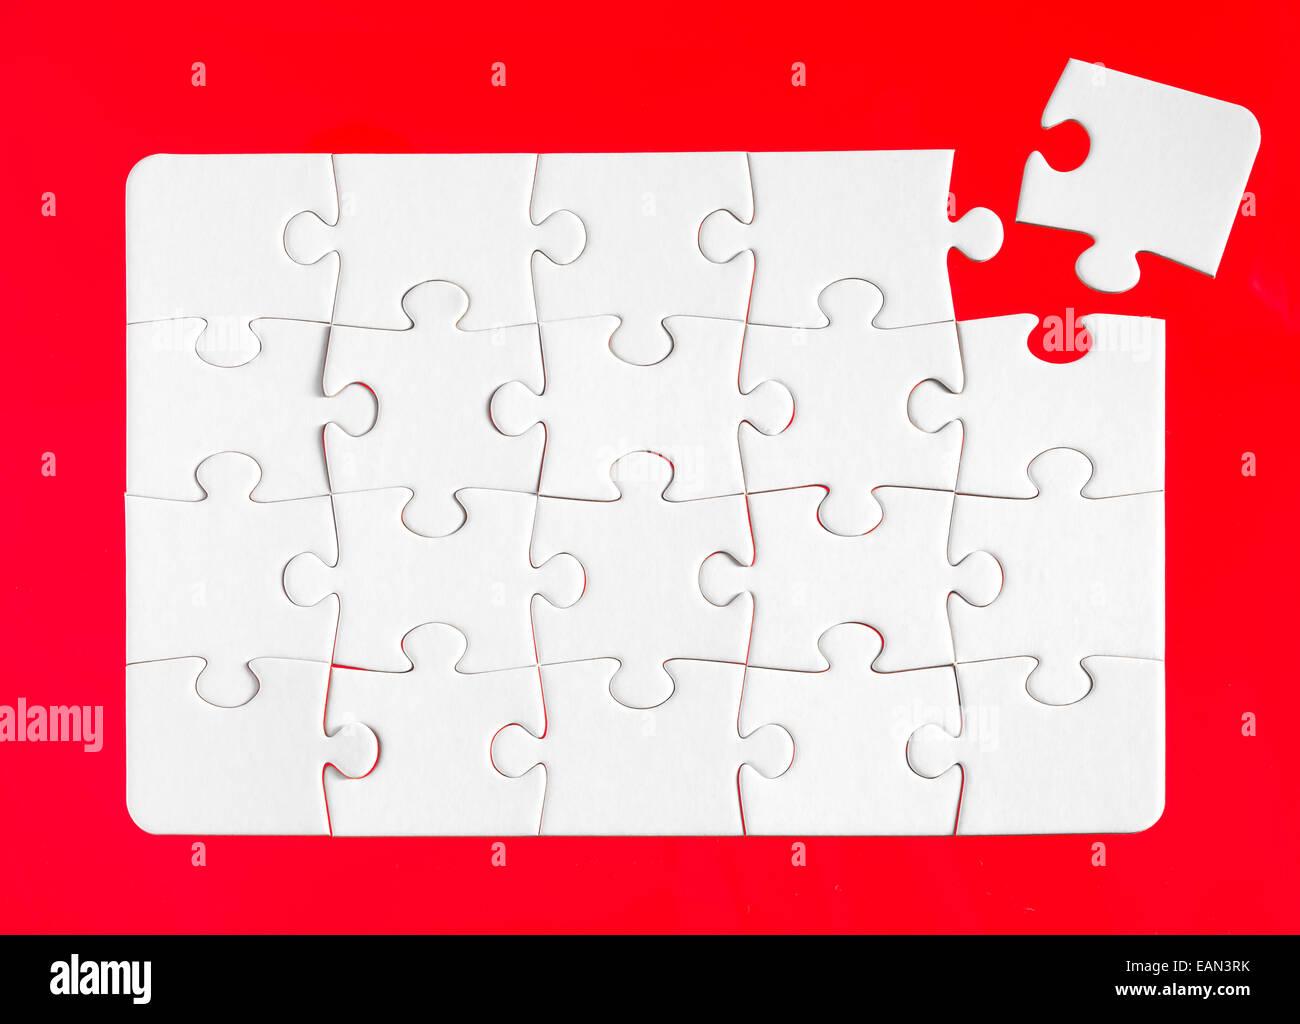 Puzzleteile mit einem roten Hintergrund Stockbild